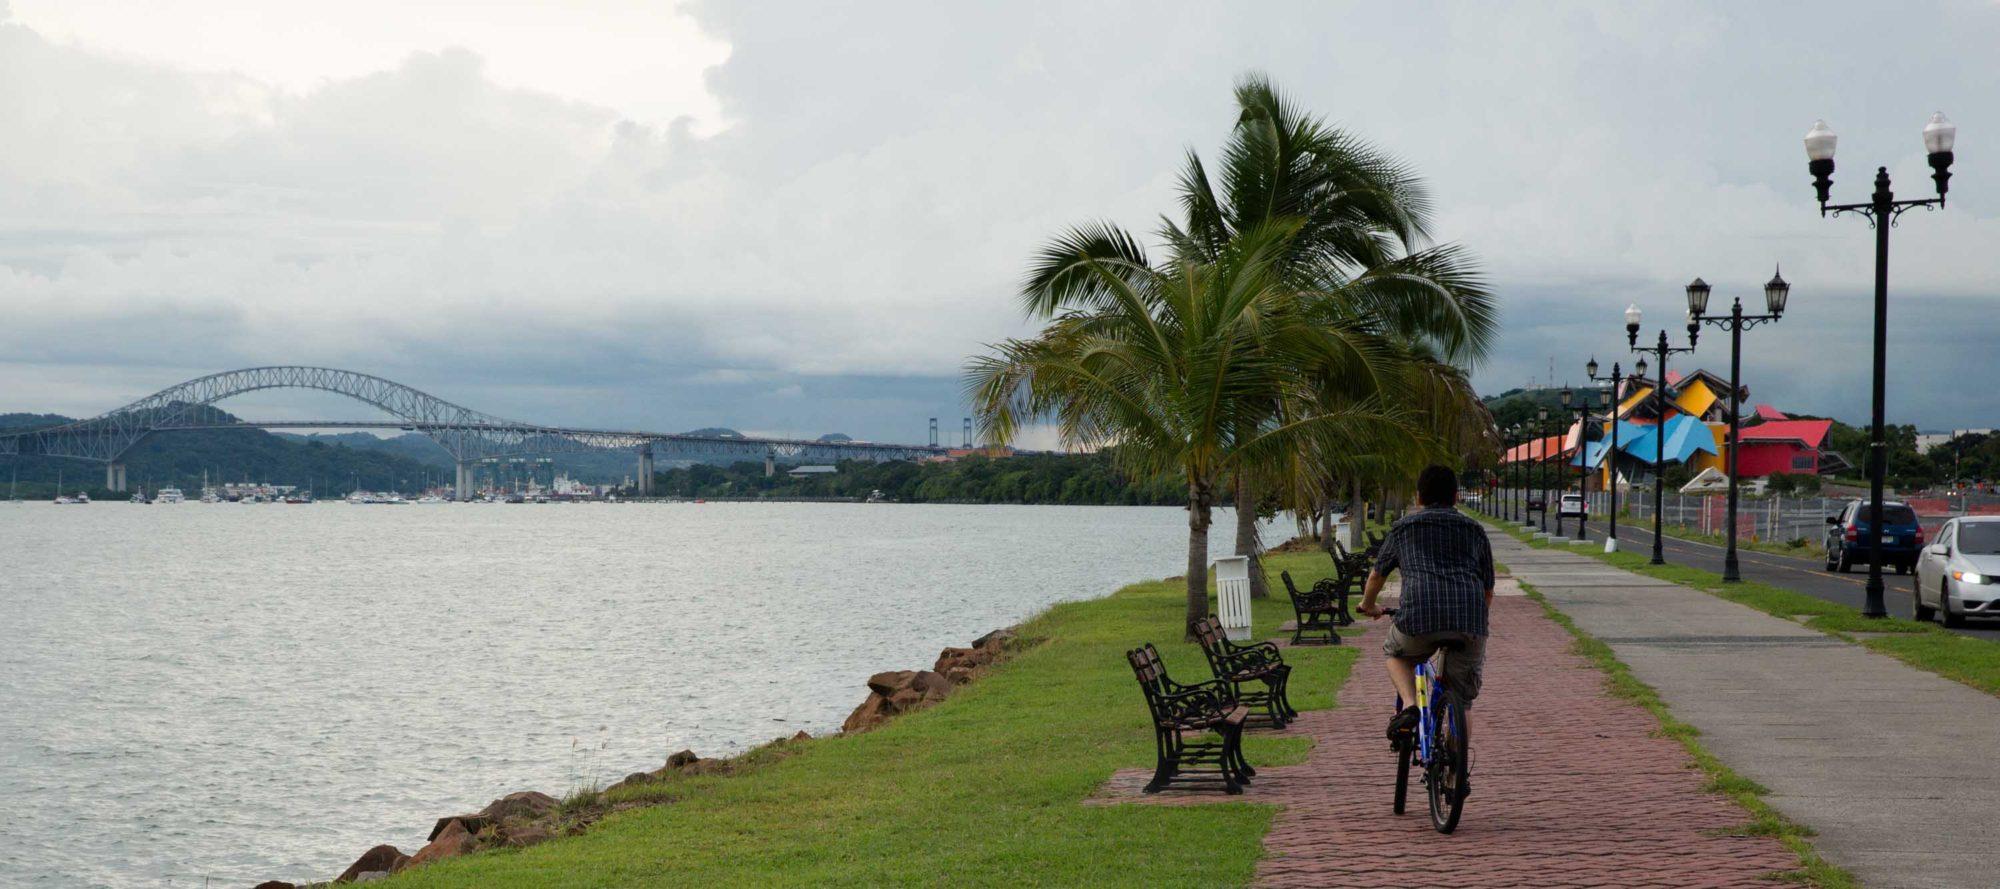 Calzada de Amador, ciudad de Panamá